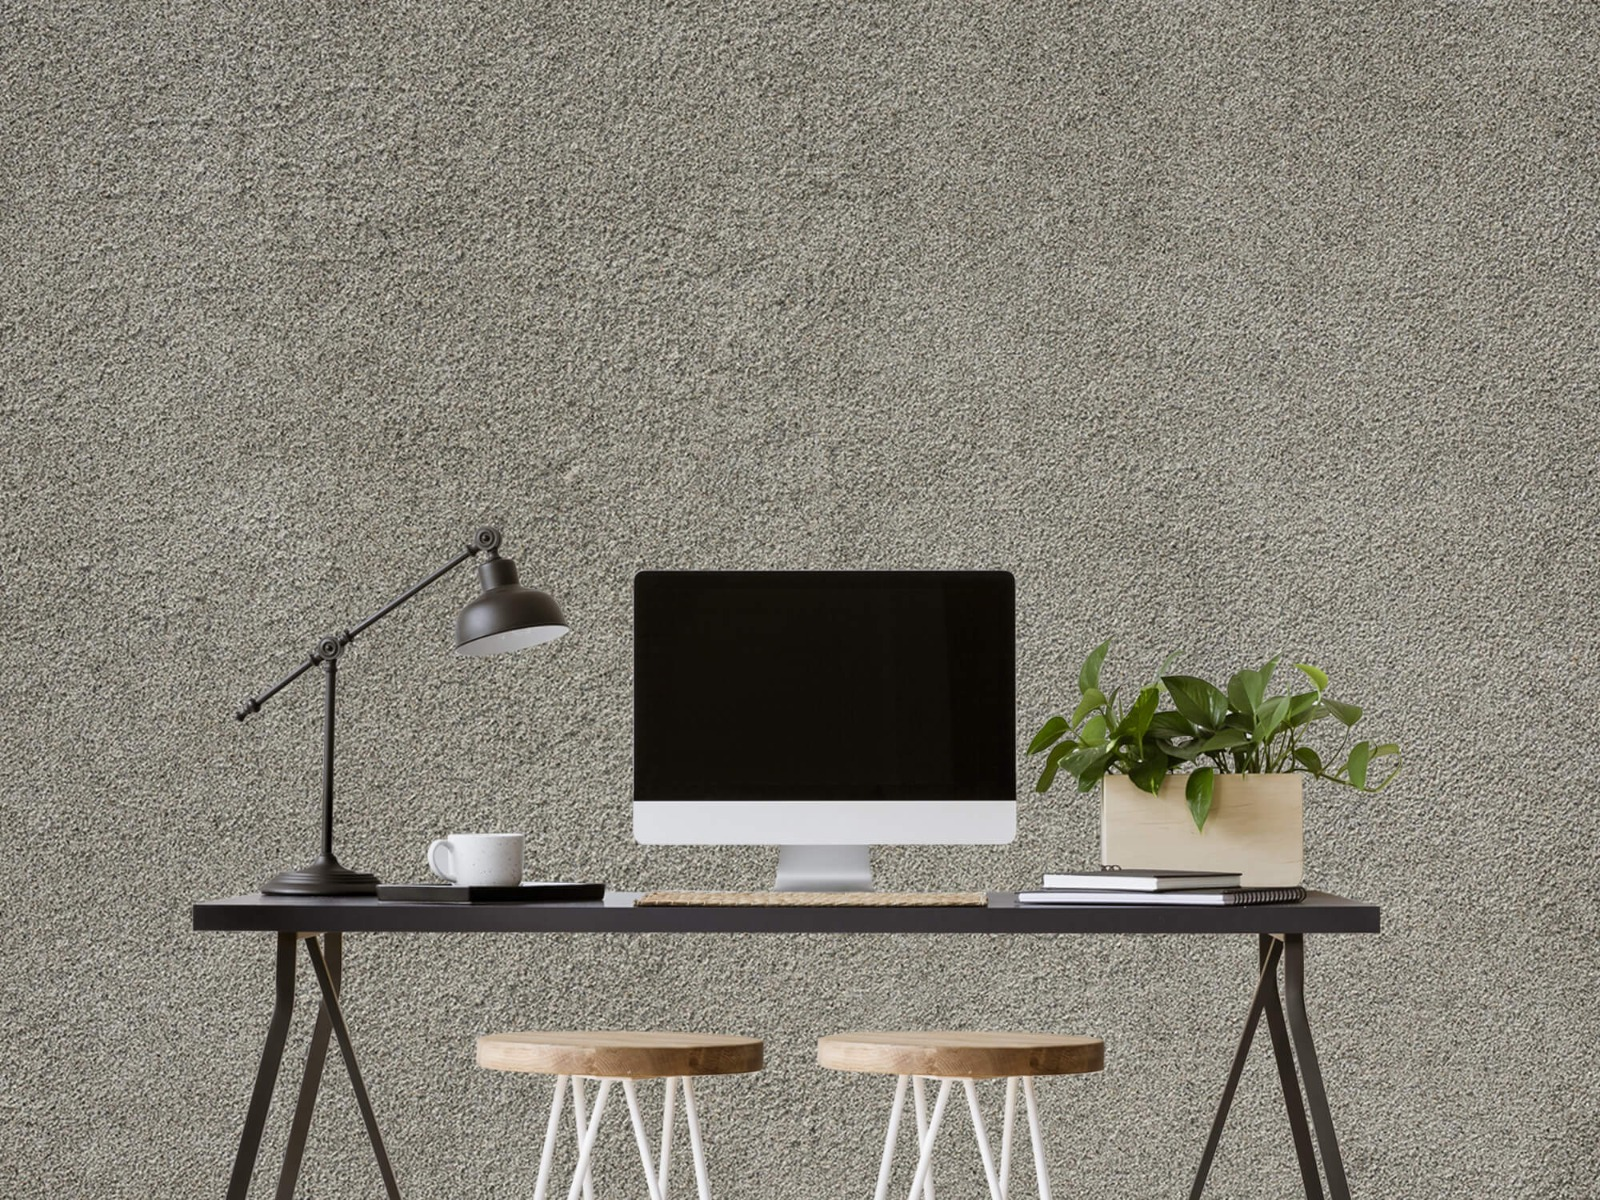 Betonlook behang - Betonnen muur met fijne steentjes - Kantoor 6